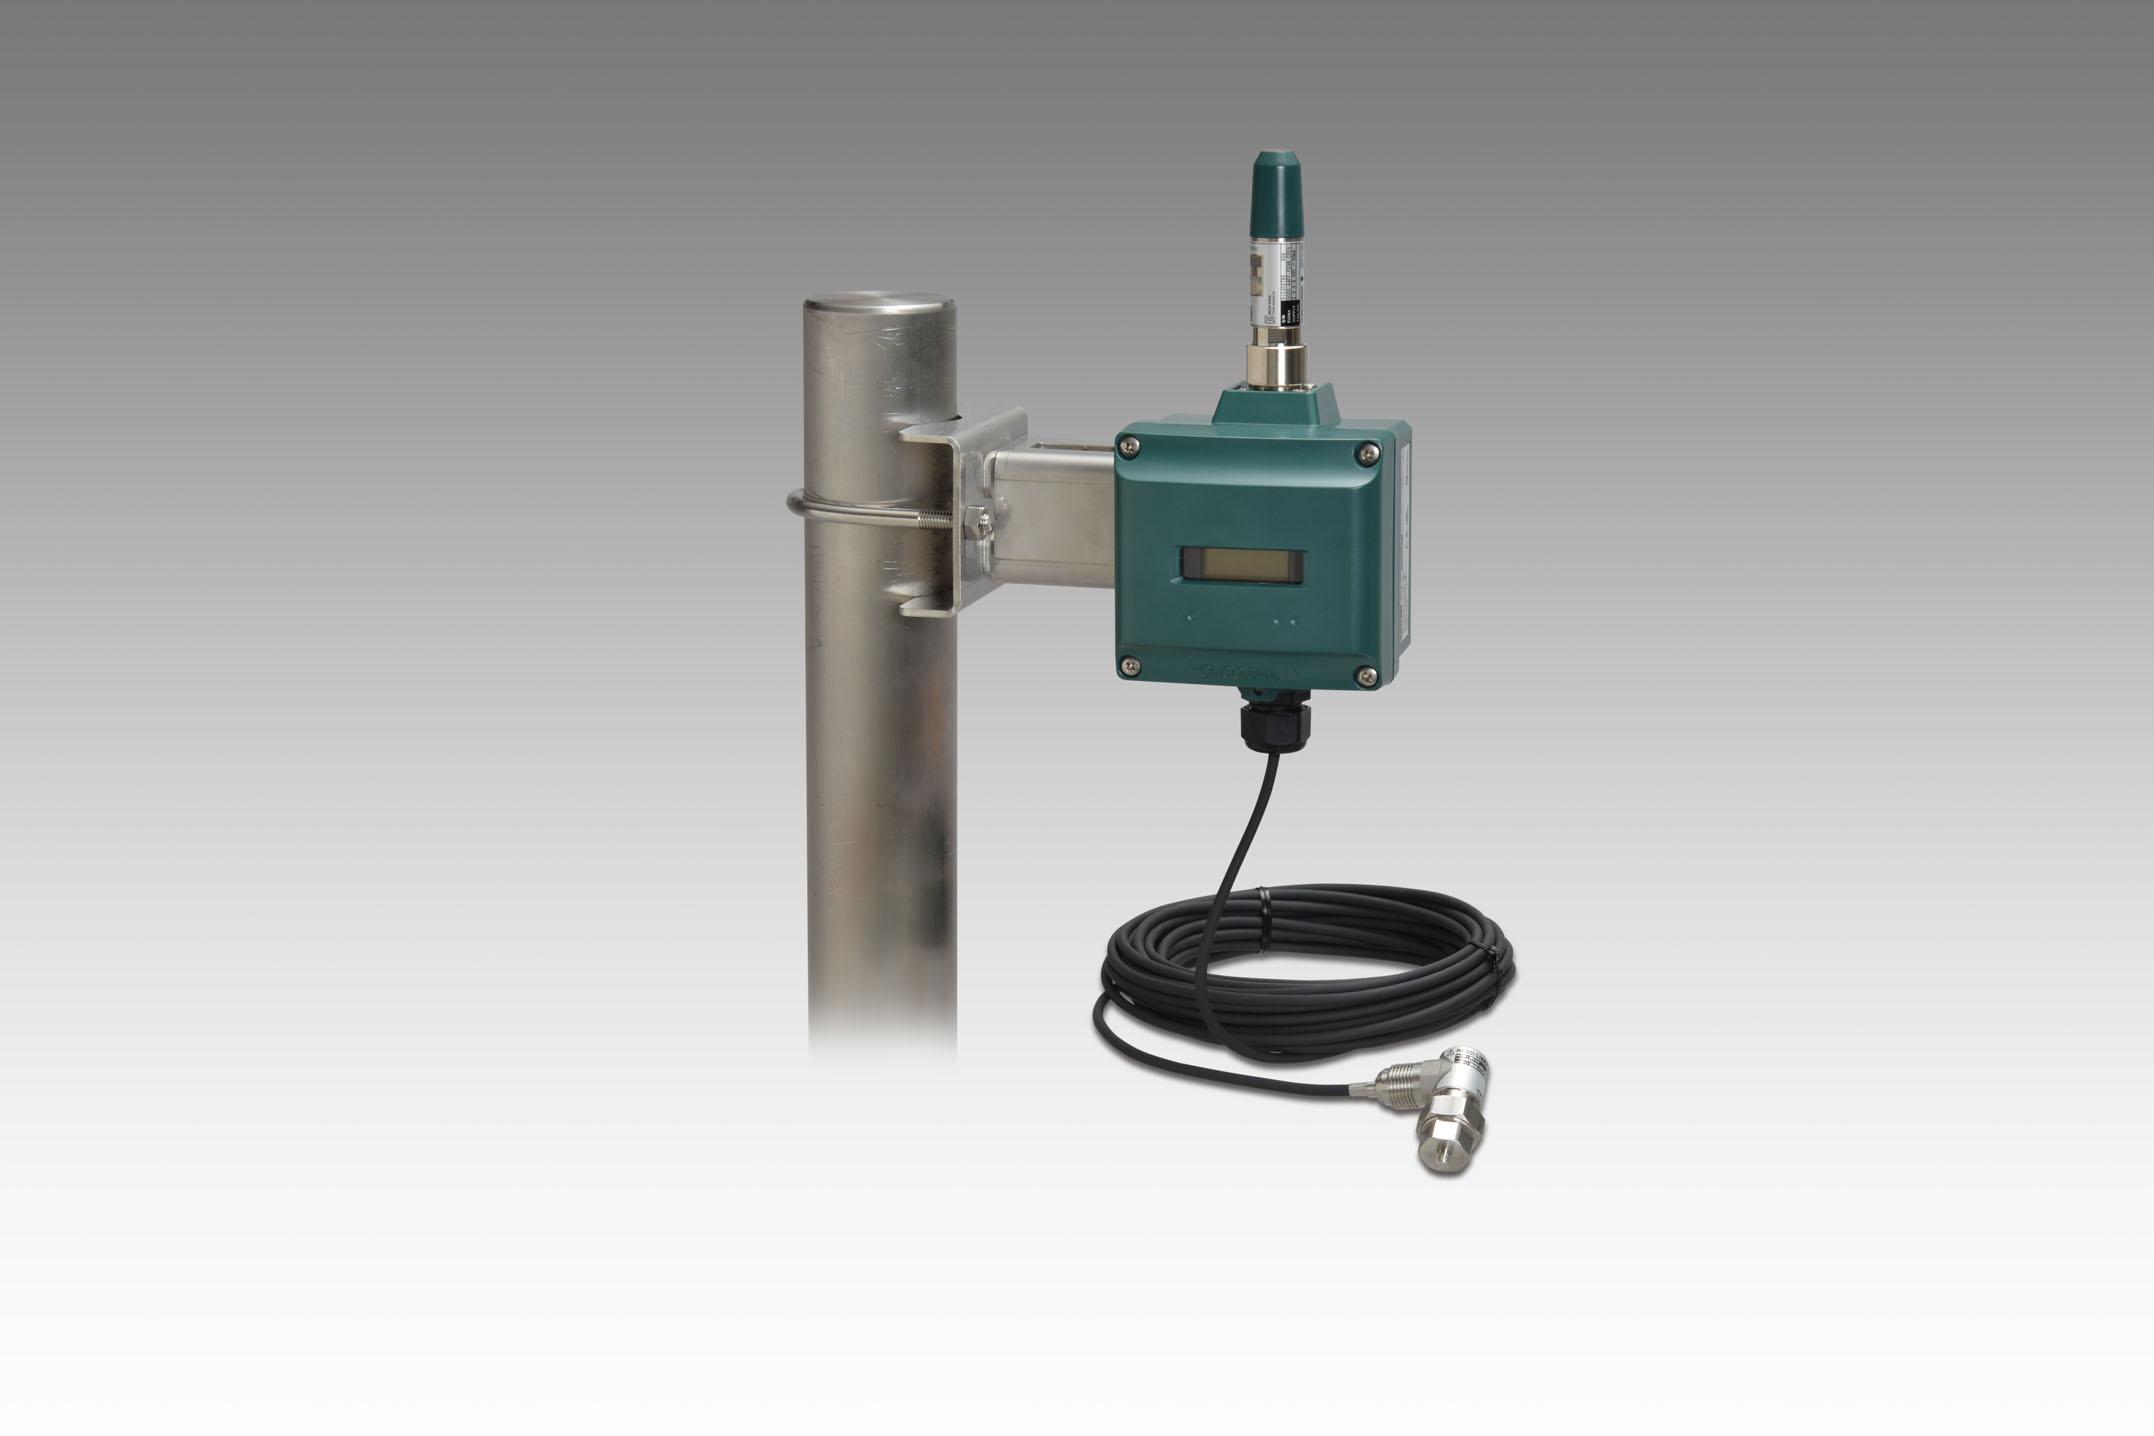 Yokogawa Has First Isa100 11a Wireless Vibration Sensor